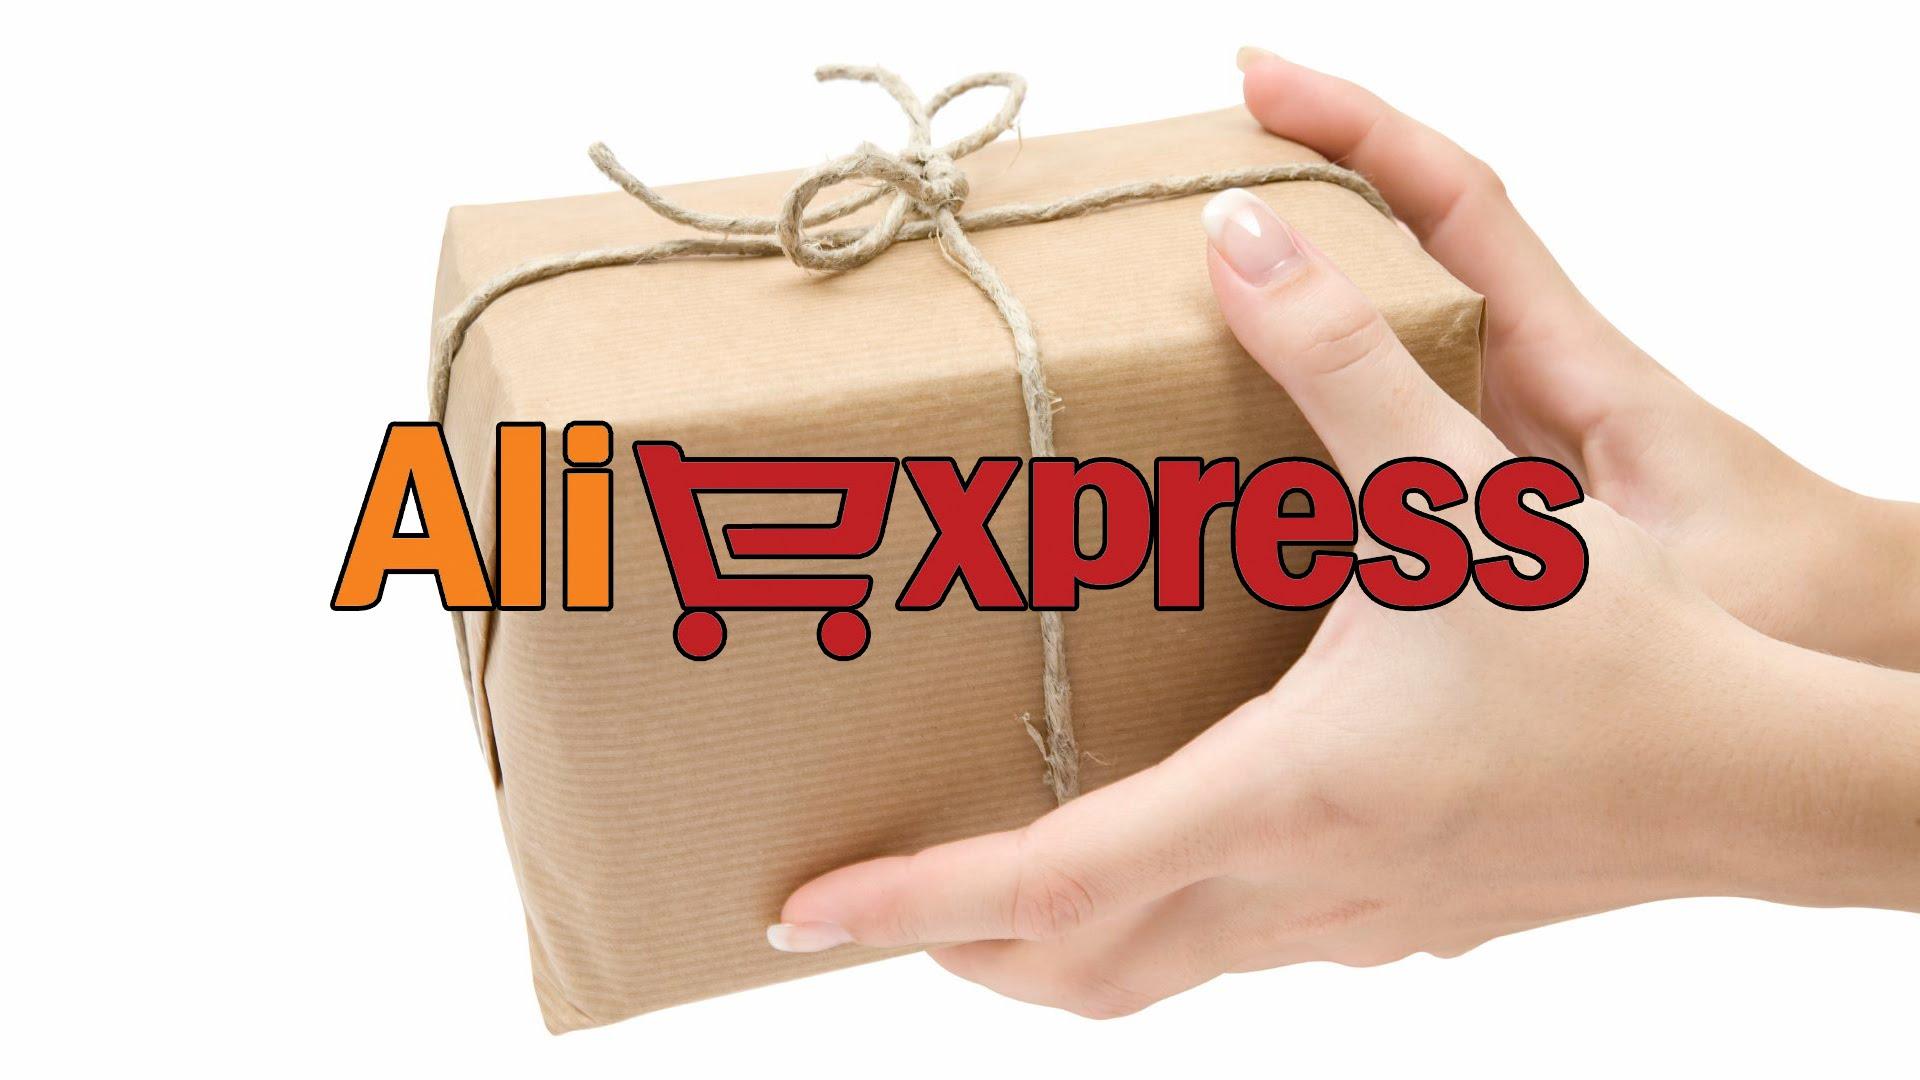 Алиэкспресс мобильная версия сайта, как скачать мобильную версию.